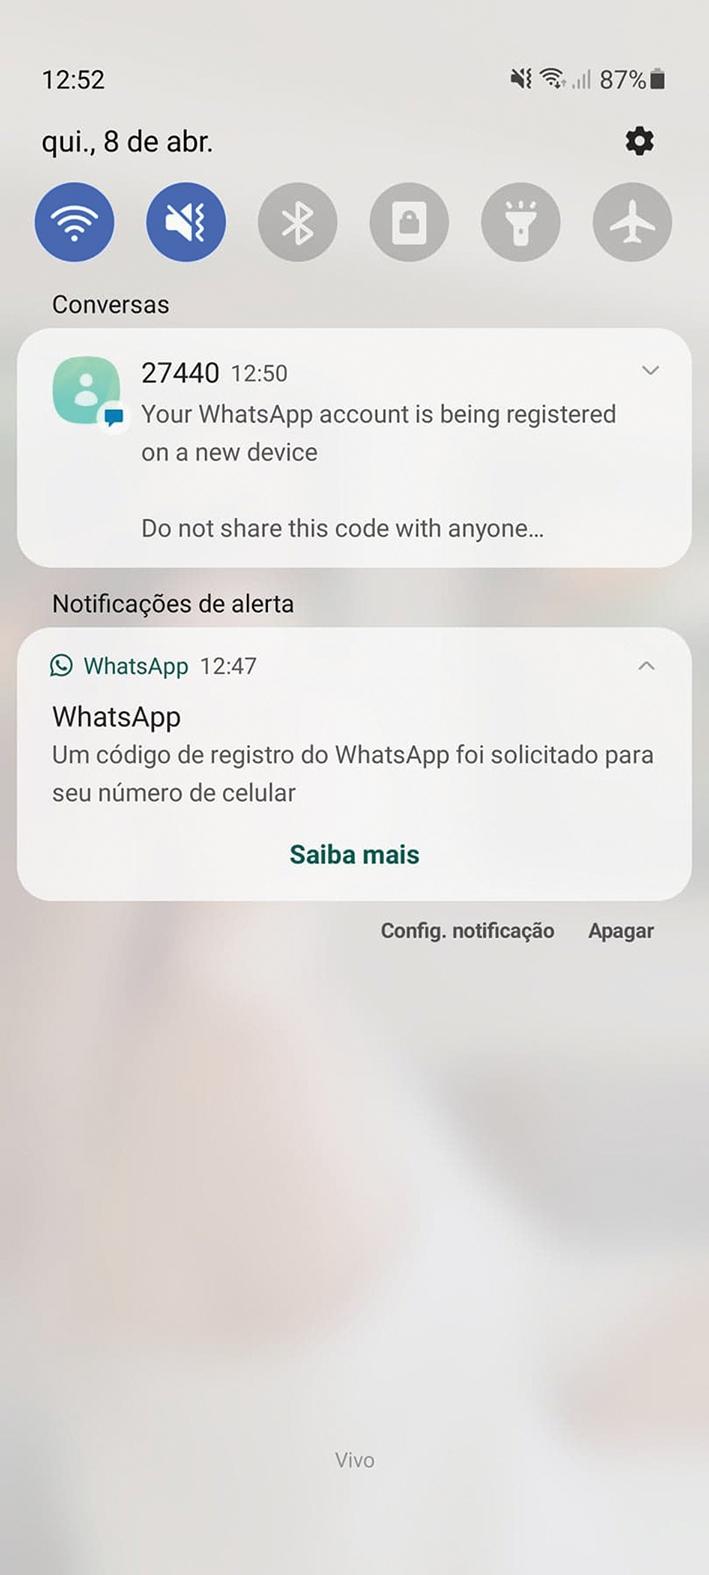 Print da tela do celular quando golpistas enviaram mensagem com um código para clonarem WhatsApp.